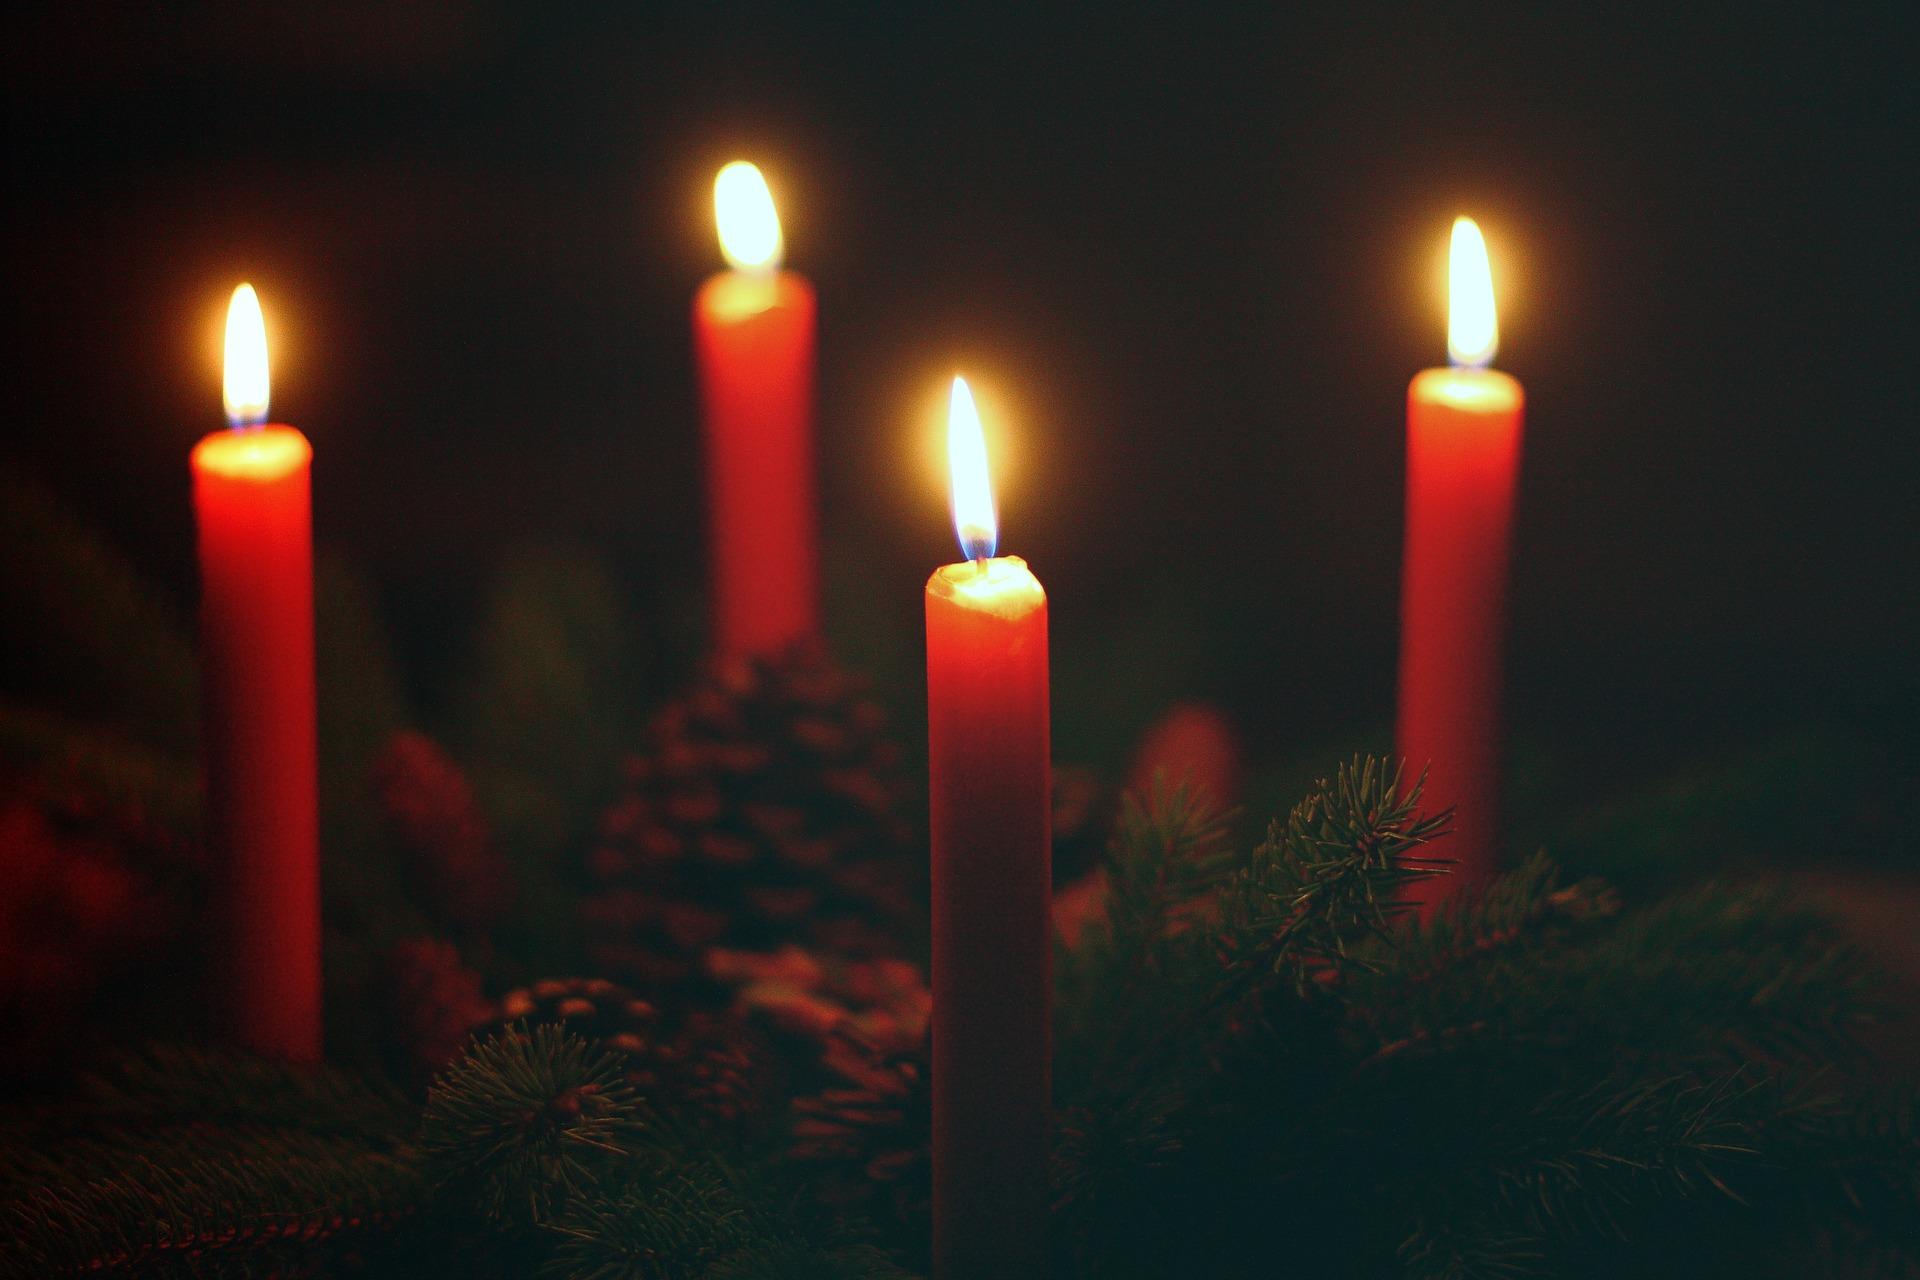 advent-wreath. sternbea via Pixaby. CC0 Creative Commons